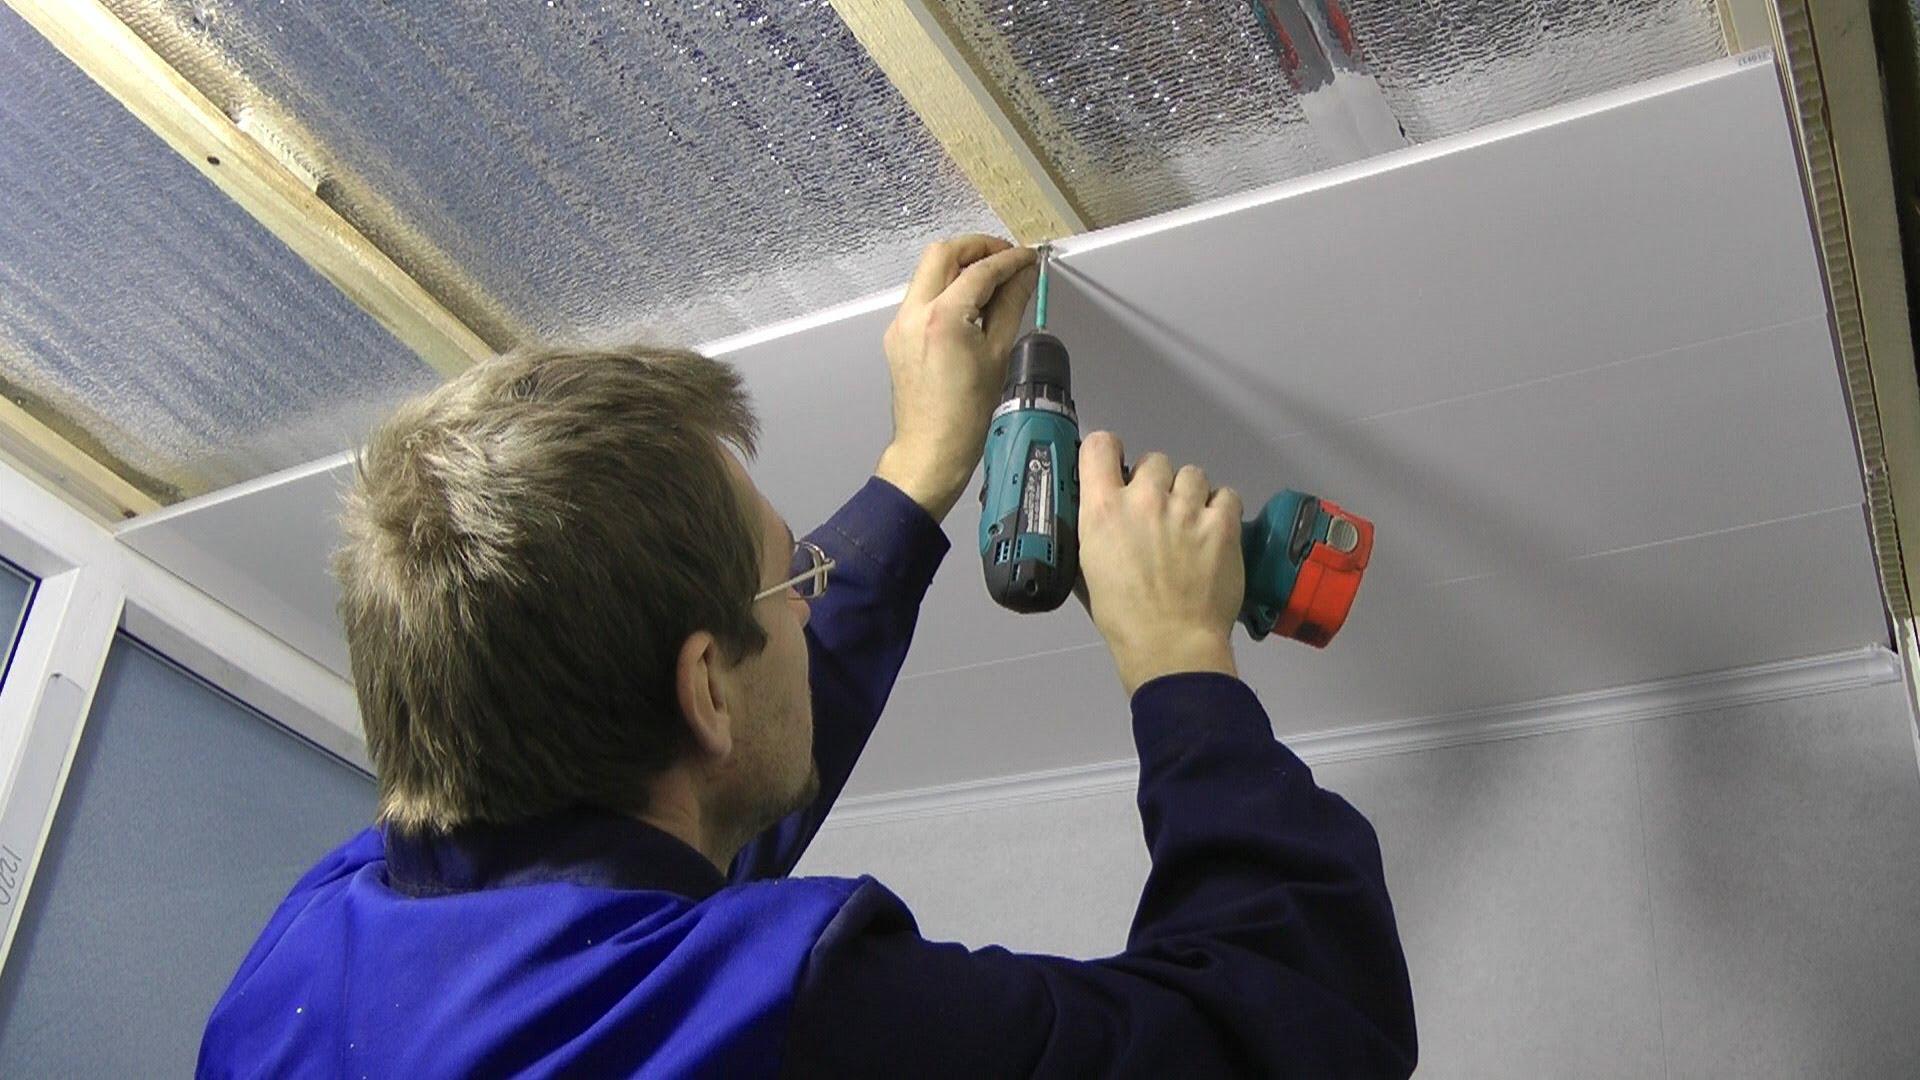 Укладка пластиковых панелей на каркасную конструкцию